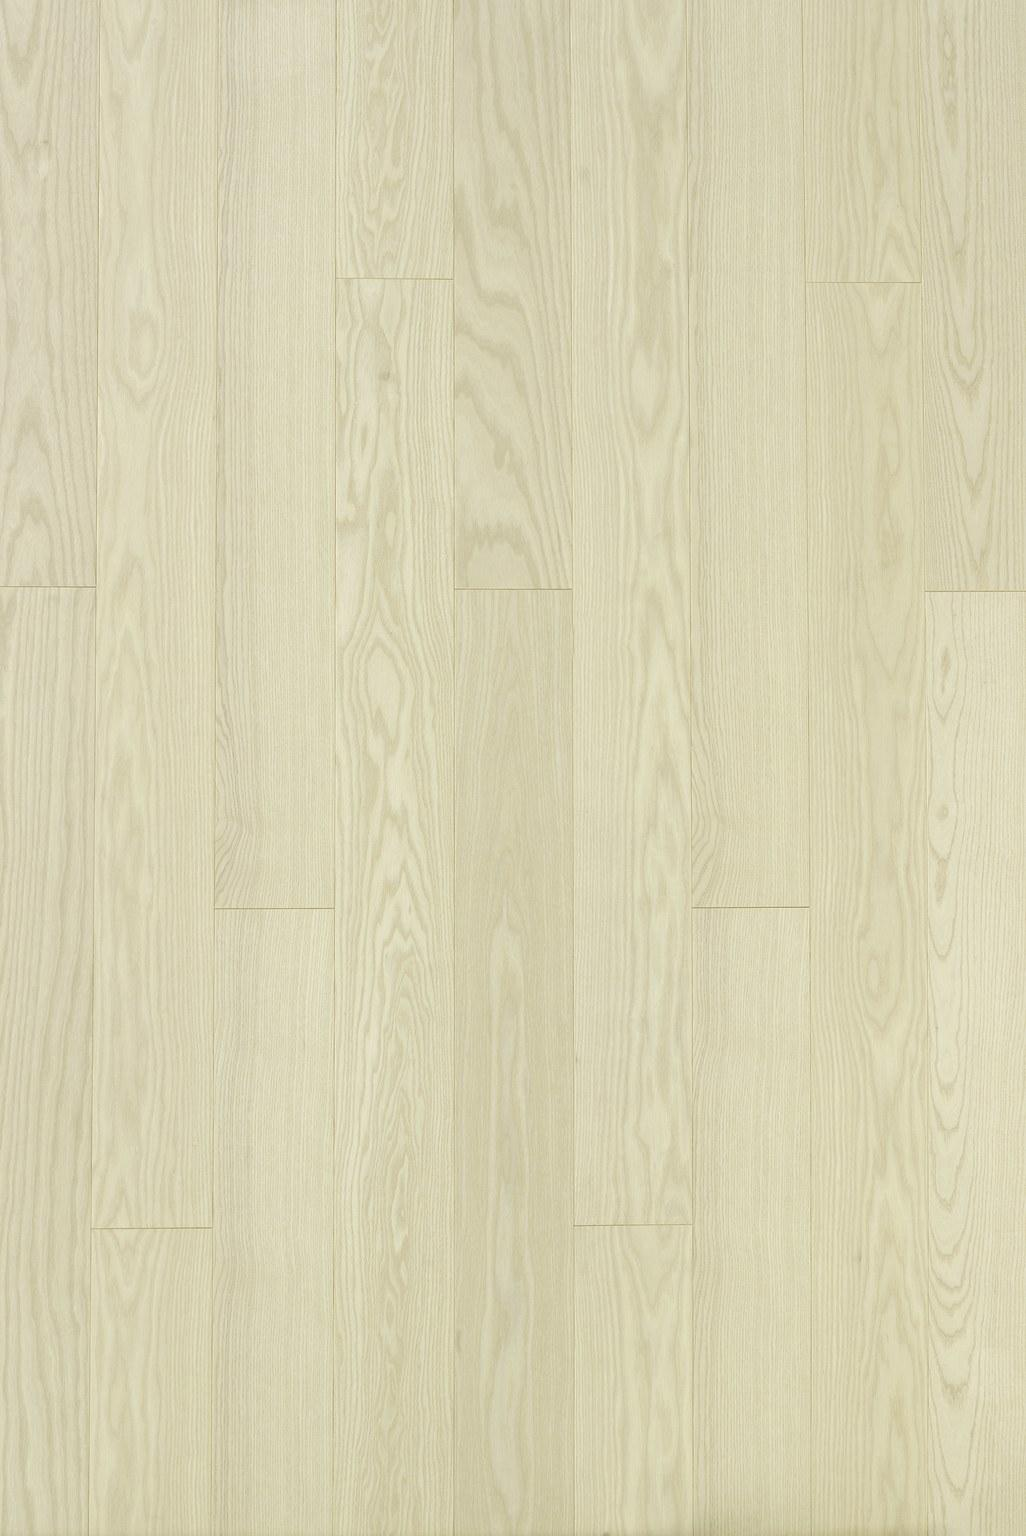 Timberwise Parketti Lankkuparketti Puulattia Wooden Floor Parquet Plank Saarni Ash Select Valkoöljyvaha White Wax Oil 2D1